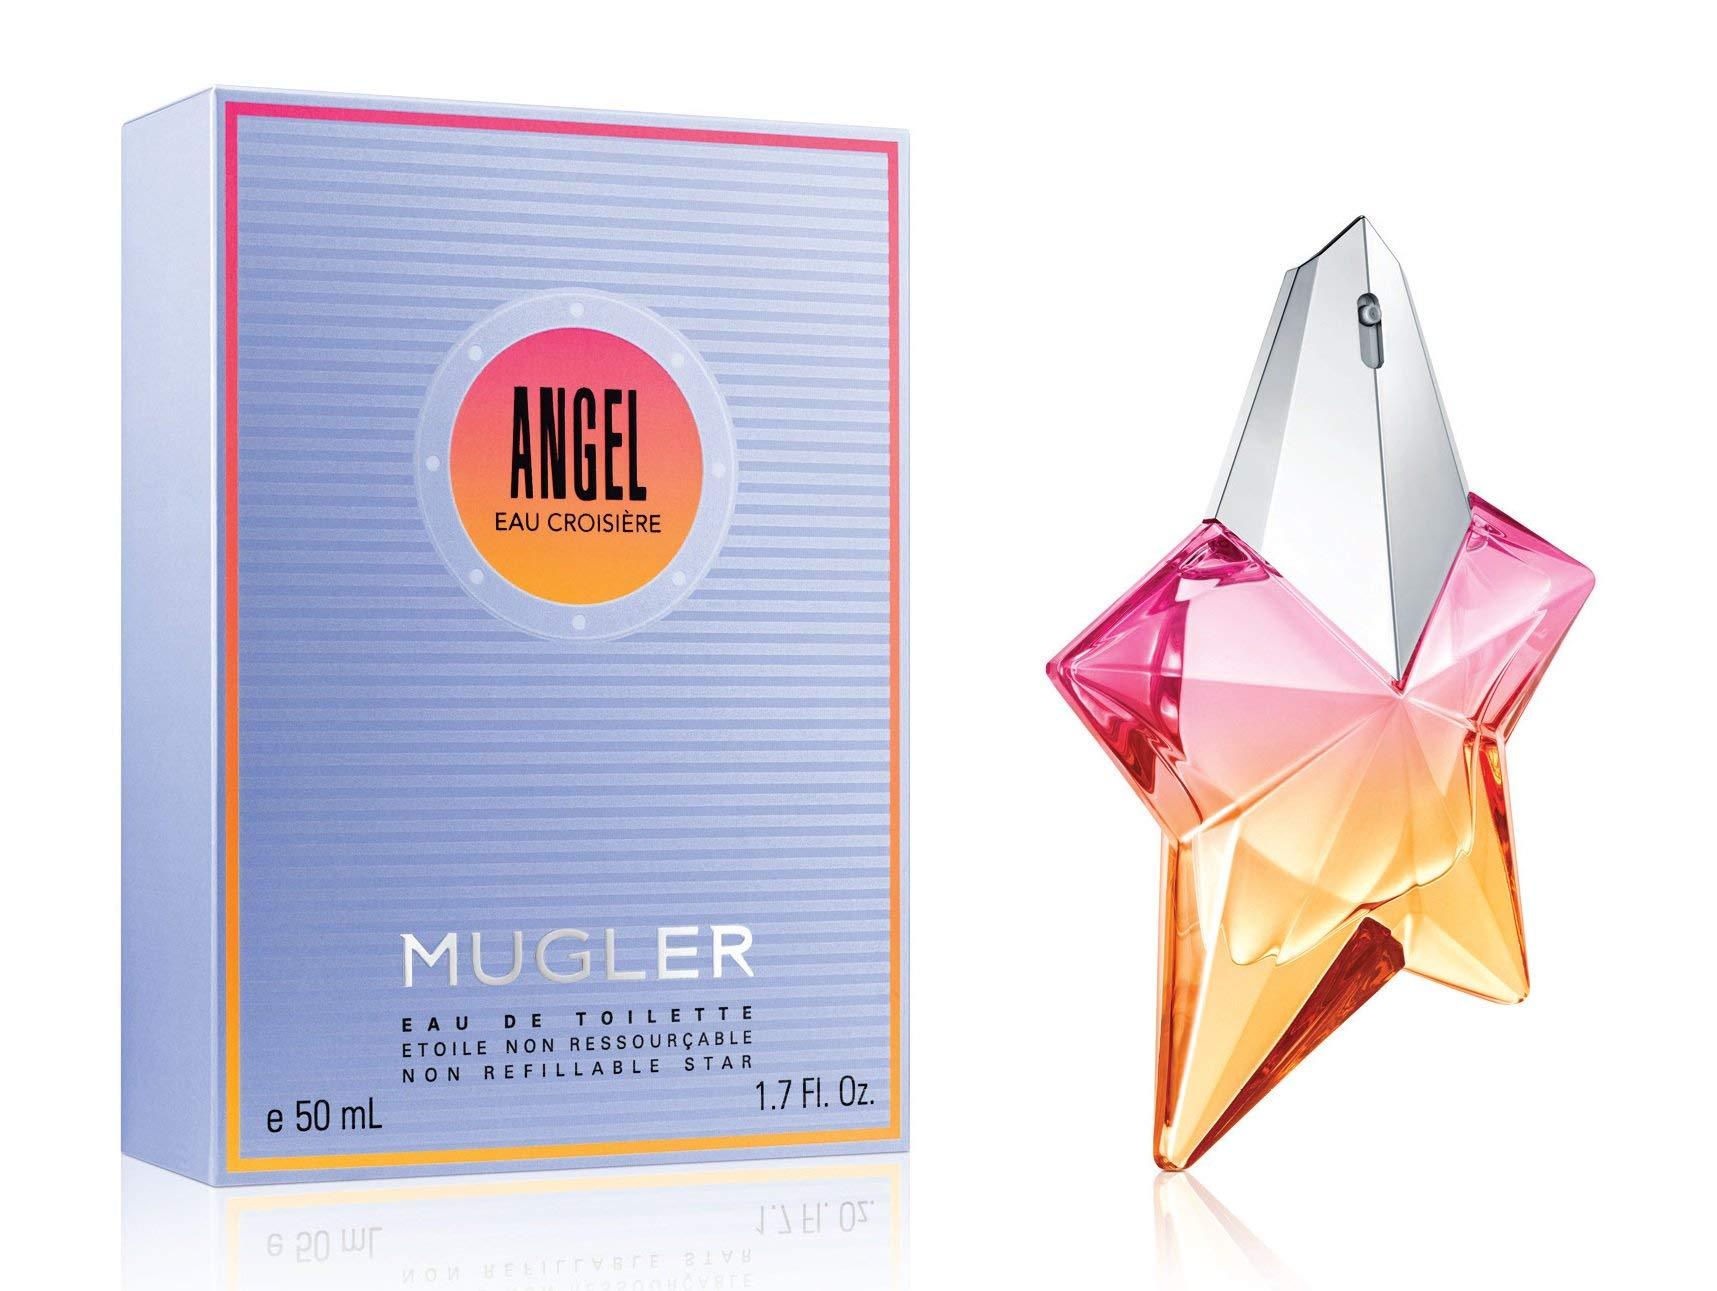 Thierry Mugler Angel Eau Croisiere L 1.7 Edt Spr Lmtd Edition 50ML